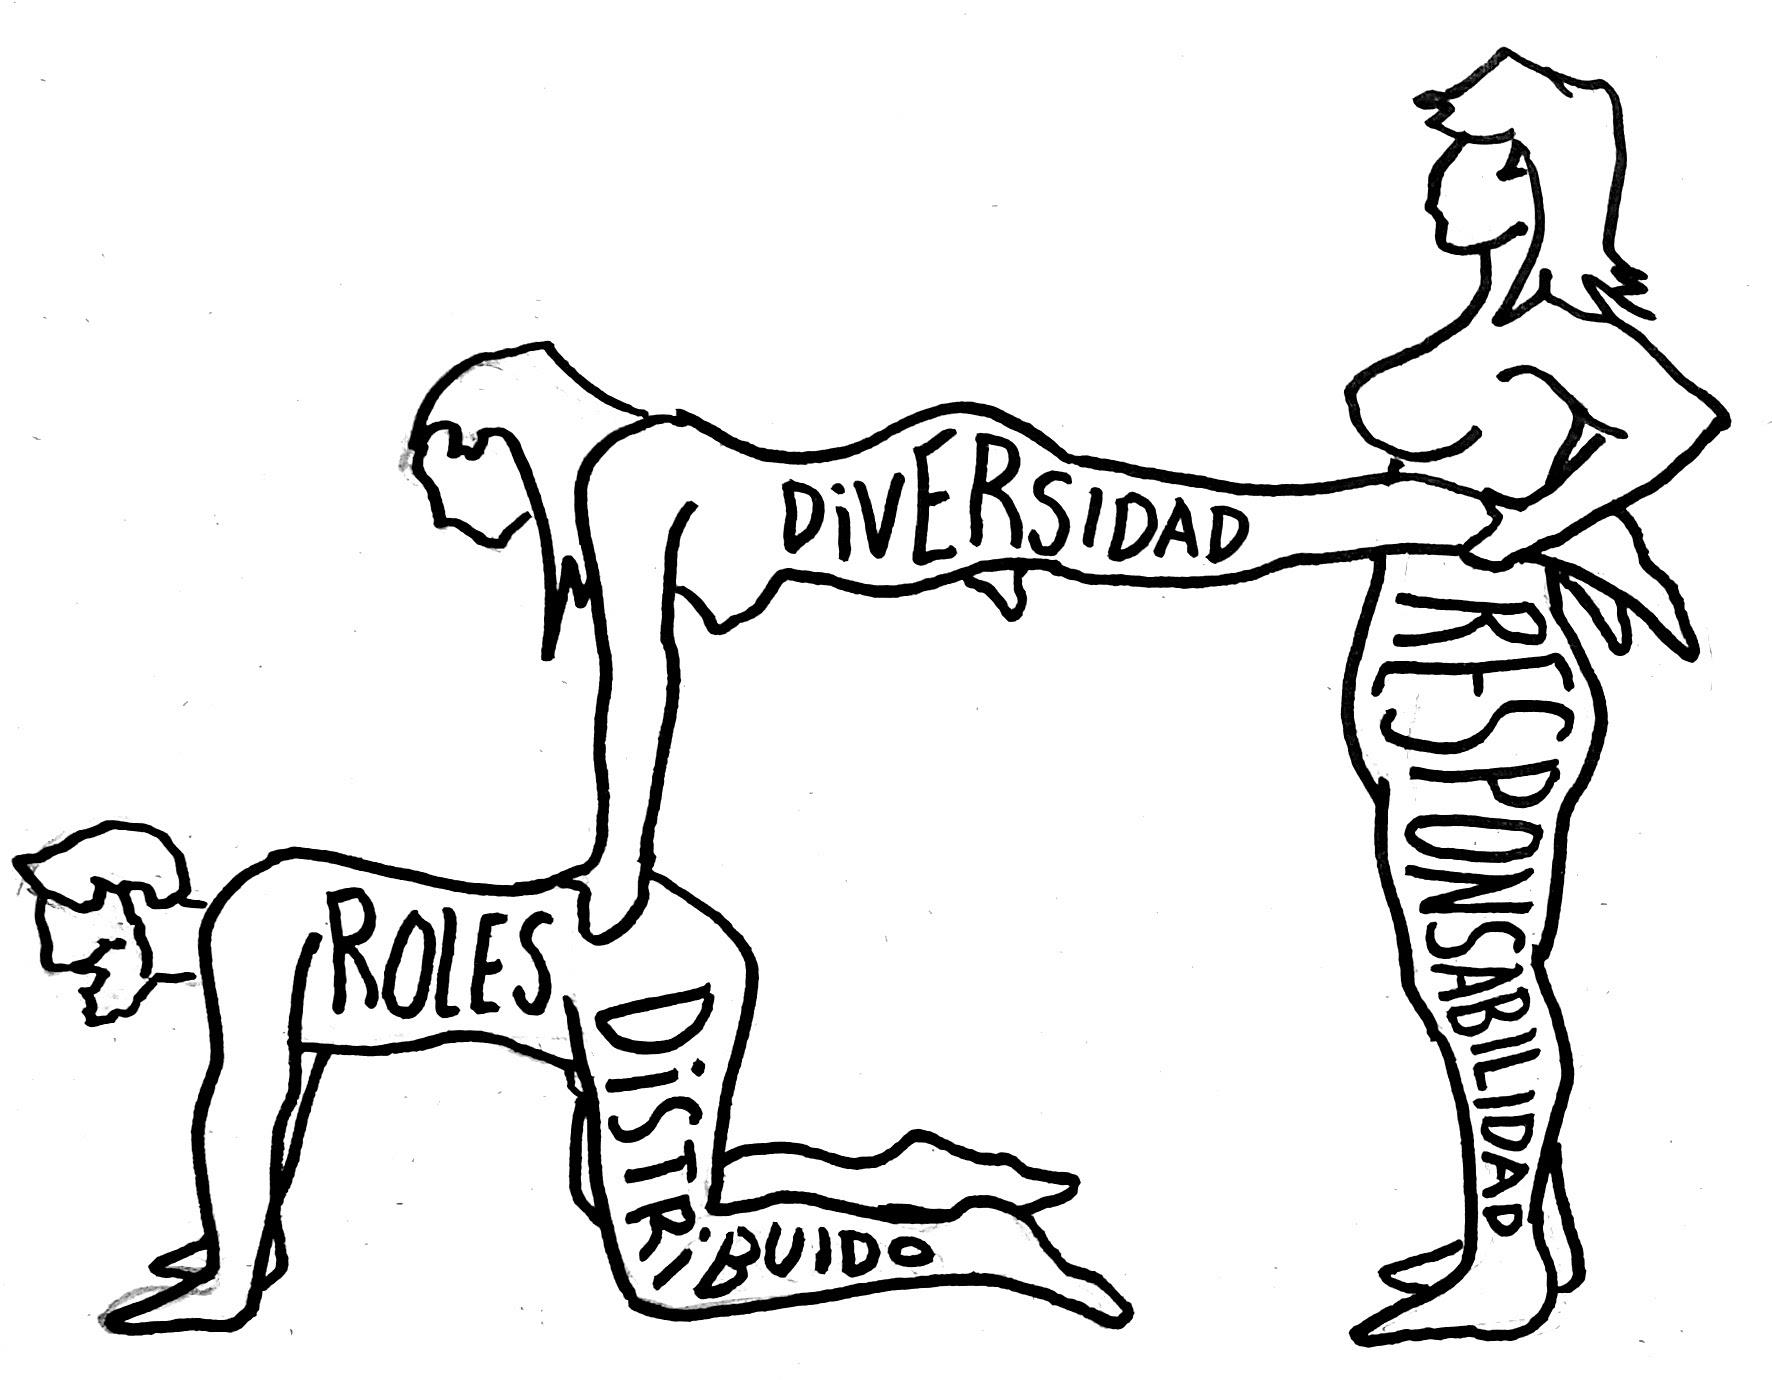 roles_responsabilidad_diversidad_distribuido